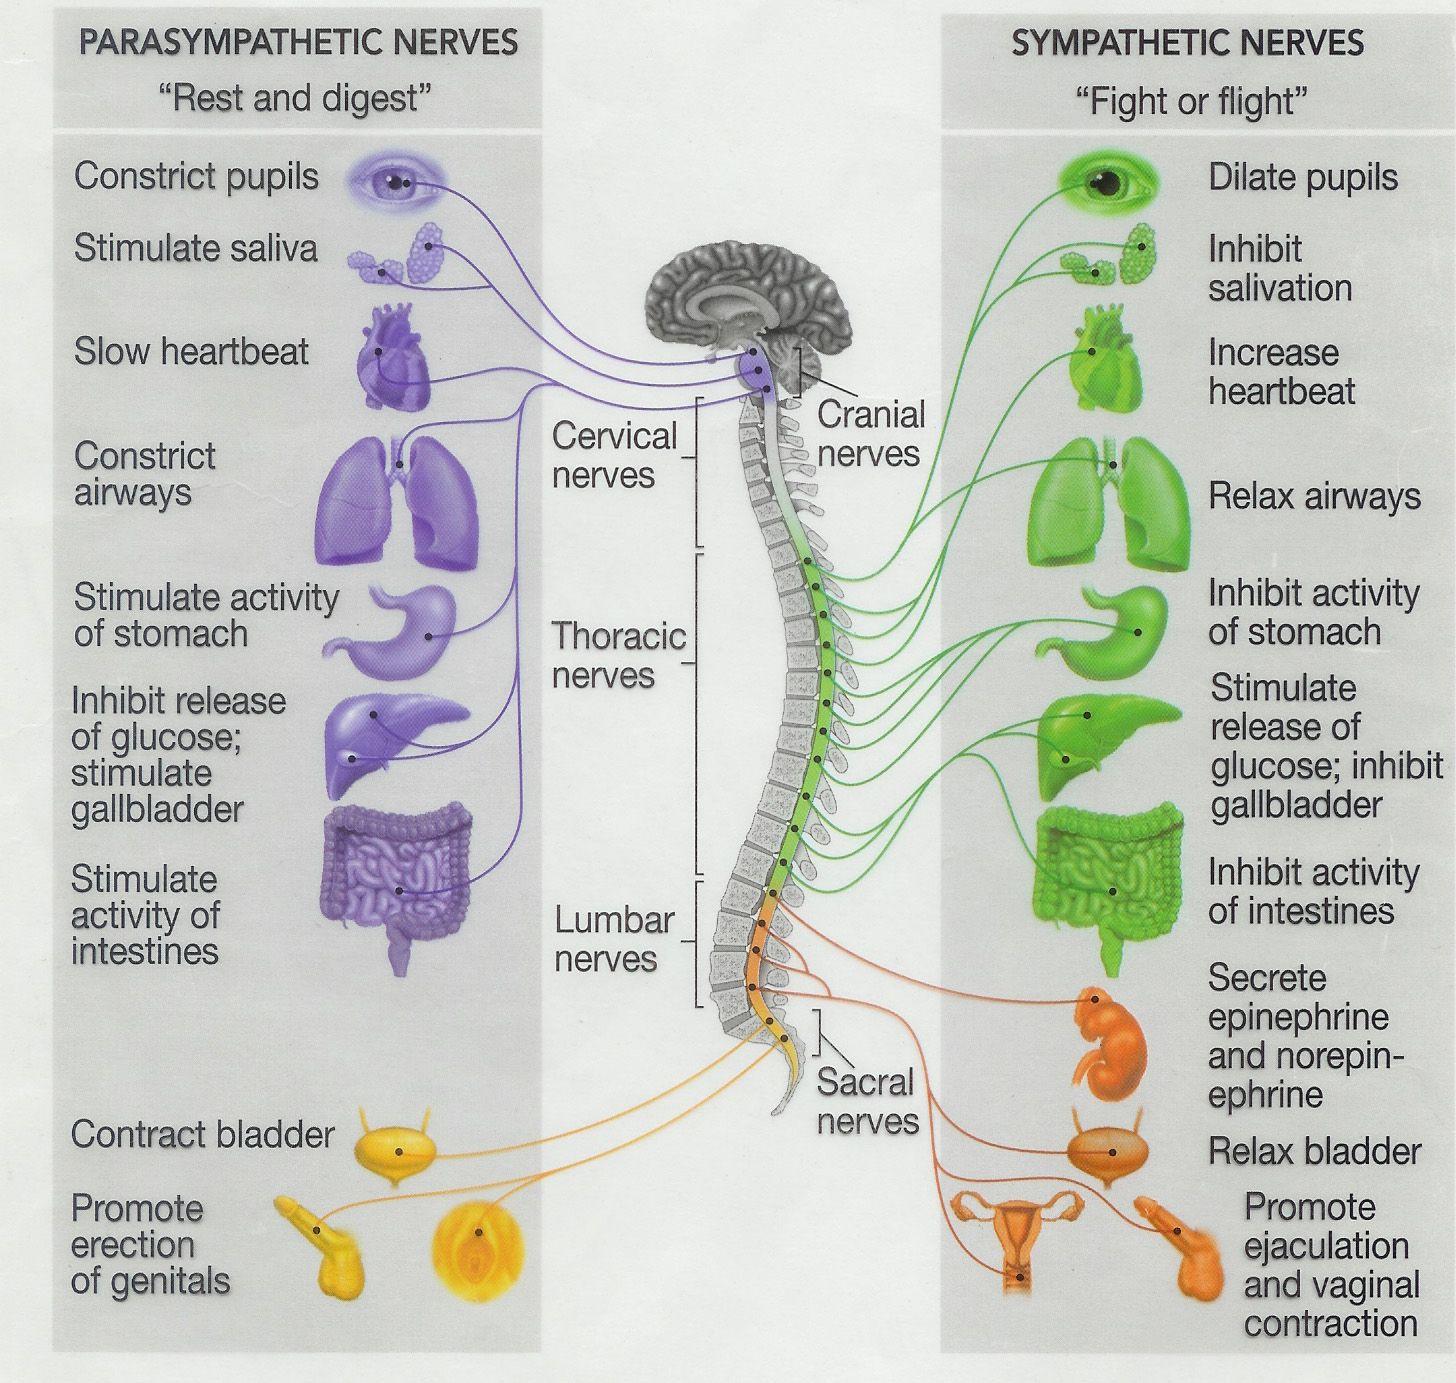 Parasympathetic Nerves Vs Sympathetic Nerves Chart